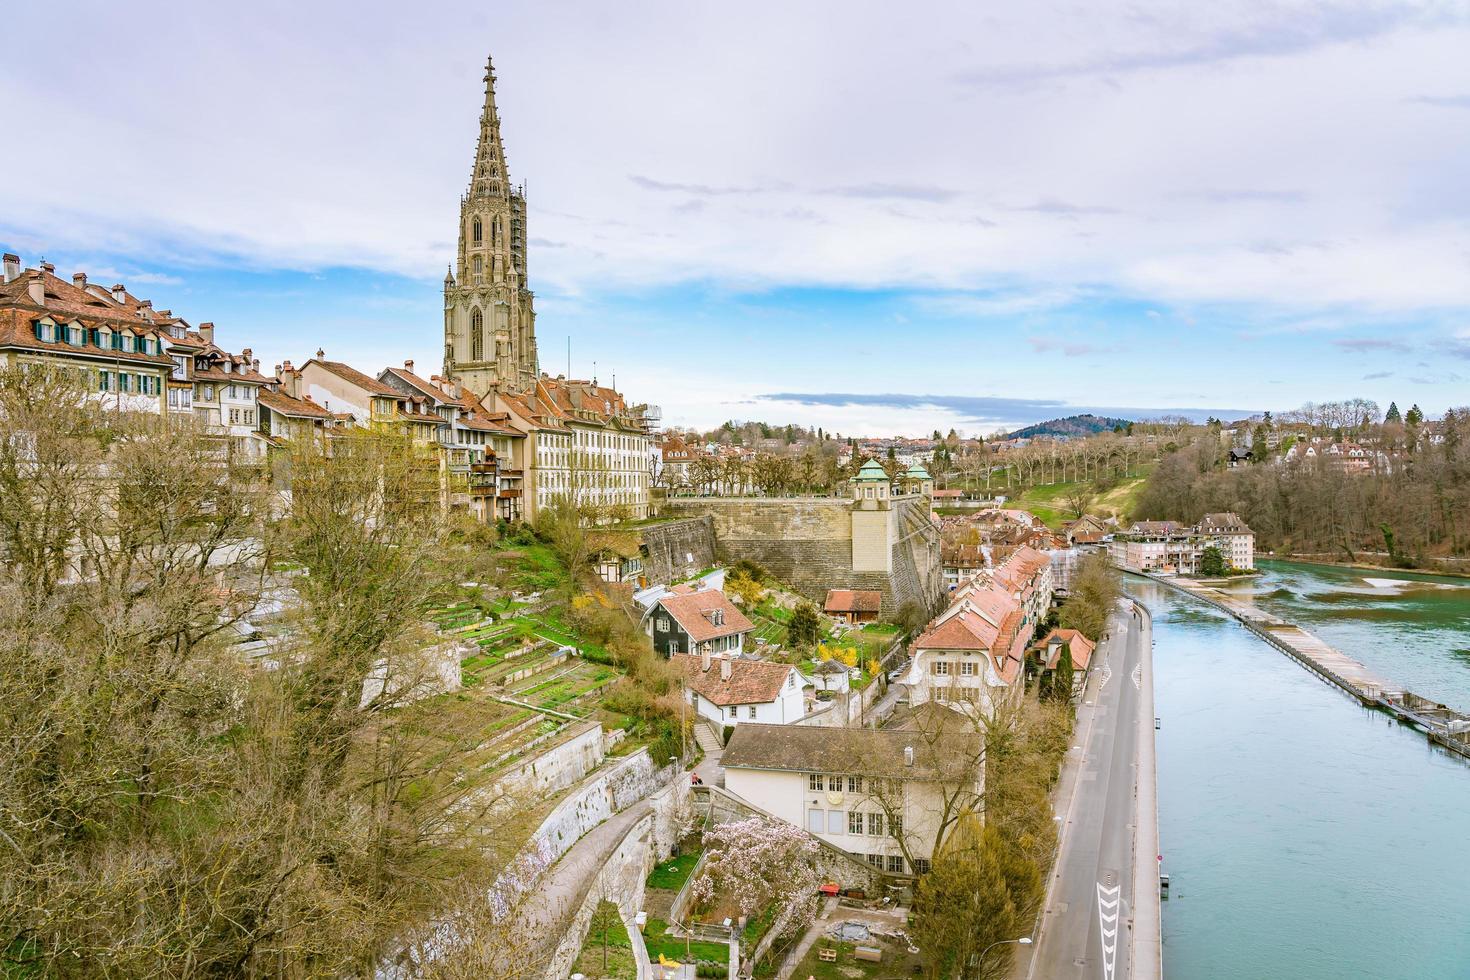 Blick auf Bern, die Hauptstadt der Schweiz foto